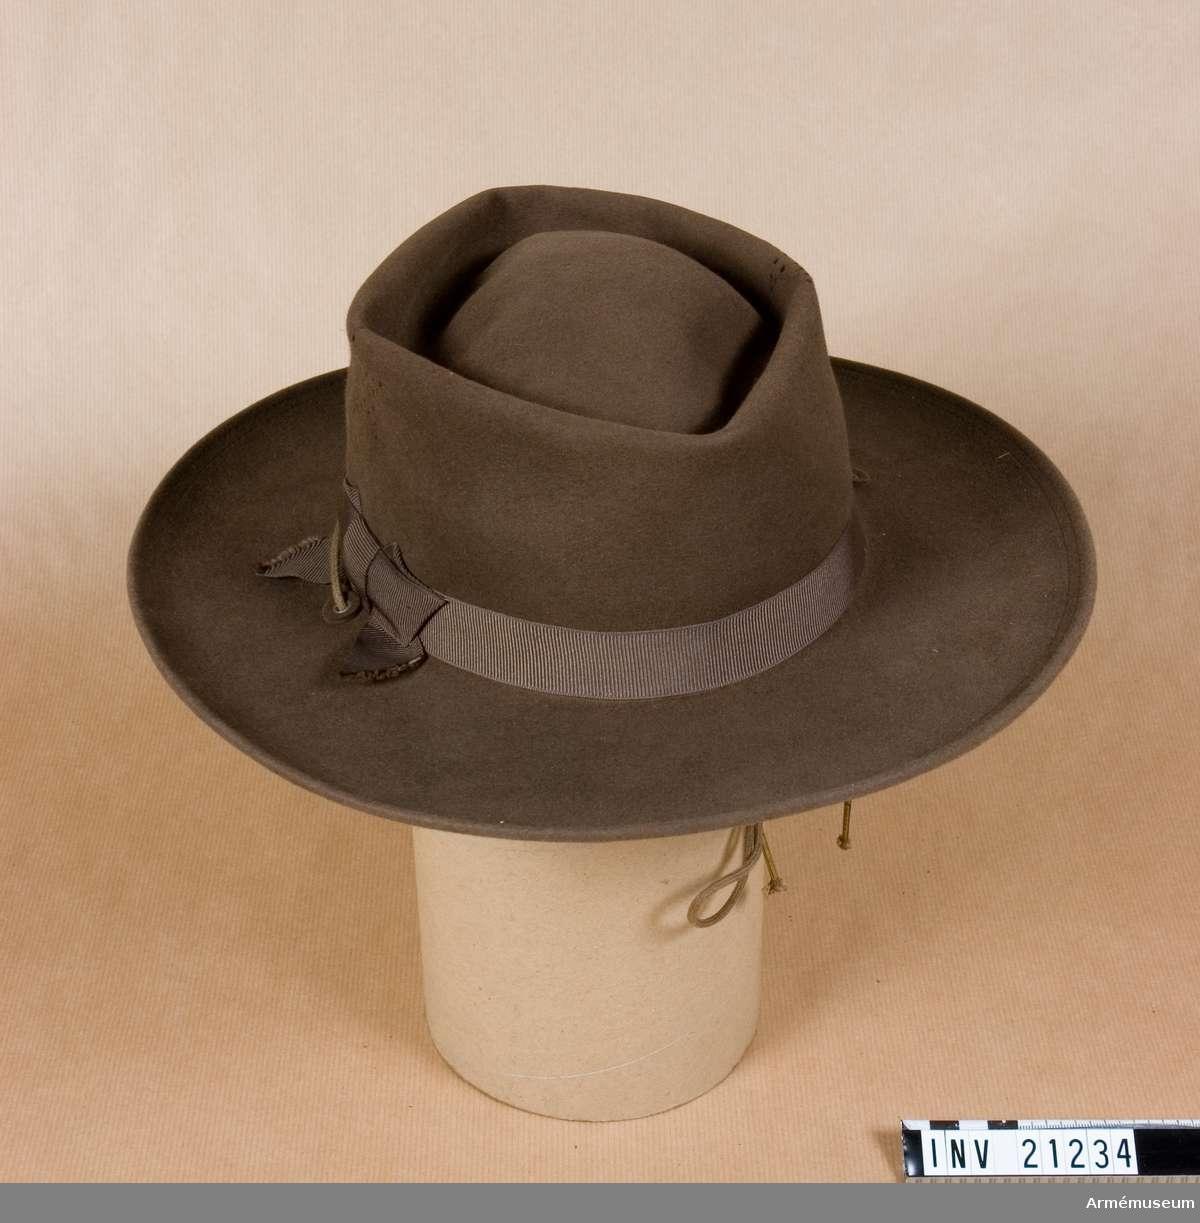 Grupp C I. Ur uniform för manskap vid infanteri, USA. Består av vapenrock, byxor, bälte, hatt, sporrar, damasker, revolverfodral. Civil modell. Av filt i kakifärg. Fyra lufthål på fyra sidor. Silkesband, kakifärgat, b:20 mm, runt om. Svettrem av brunt läder. På framsidan två snören för att sätta fast hatten.